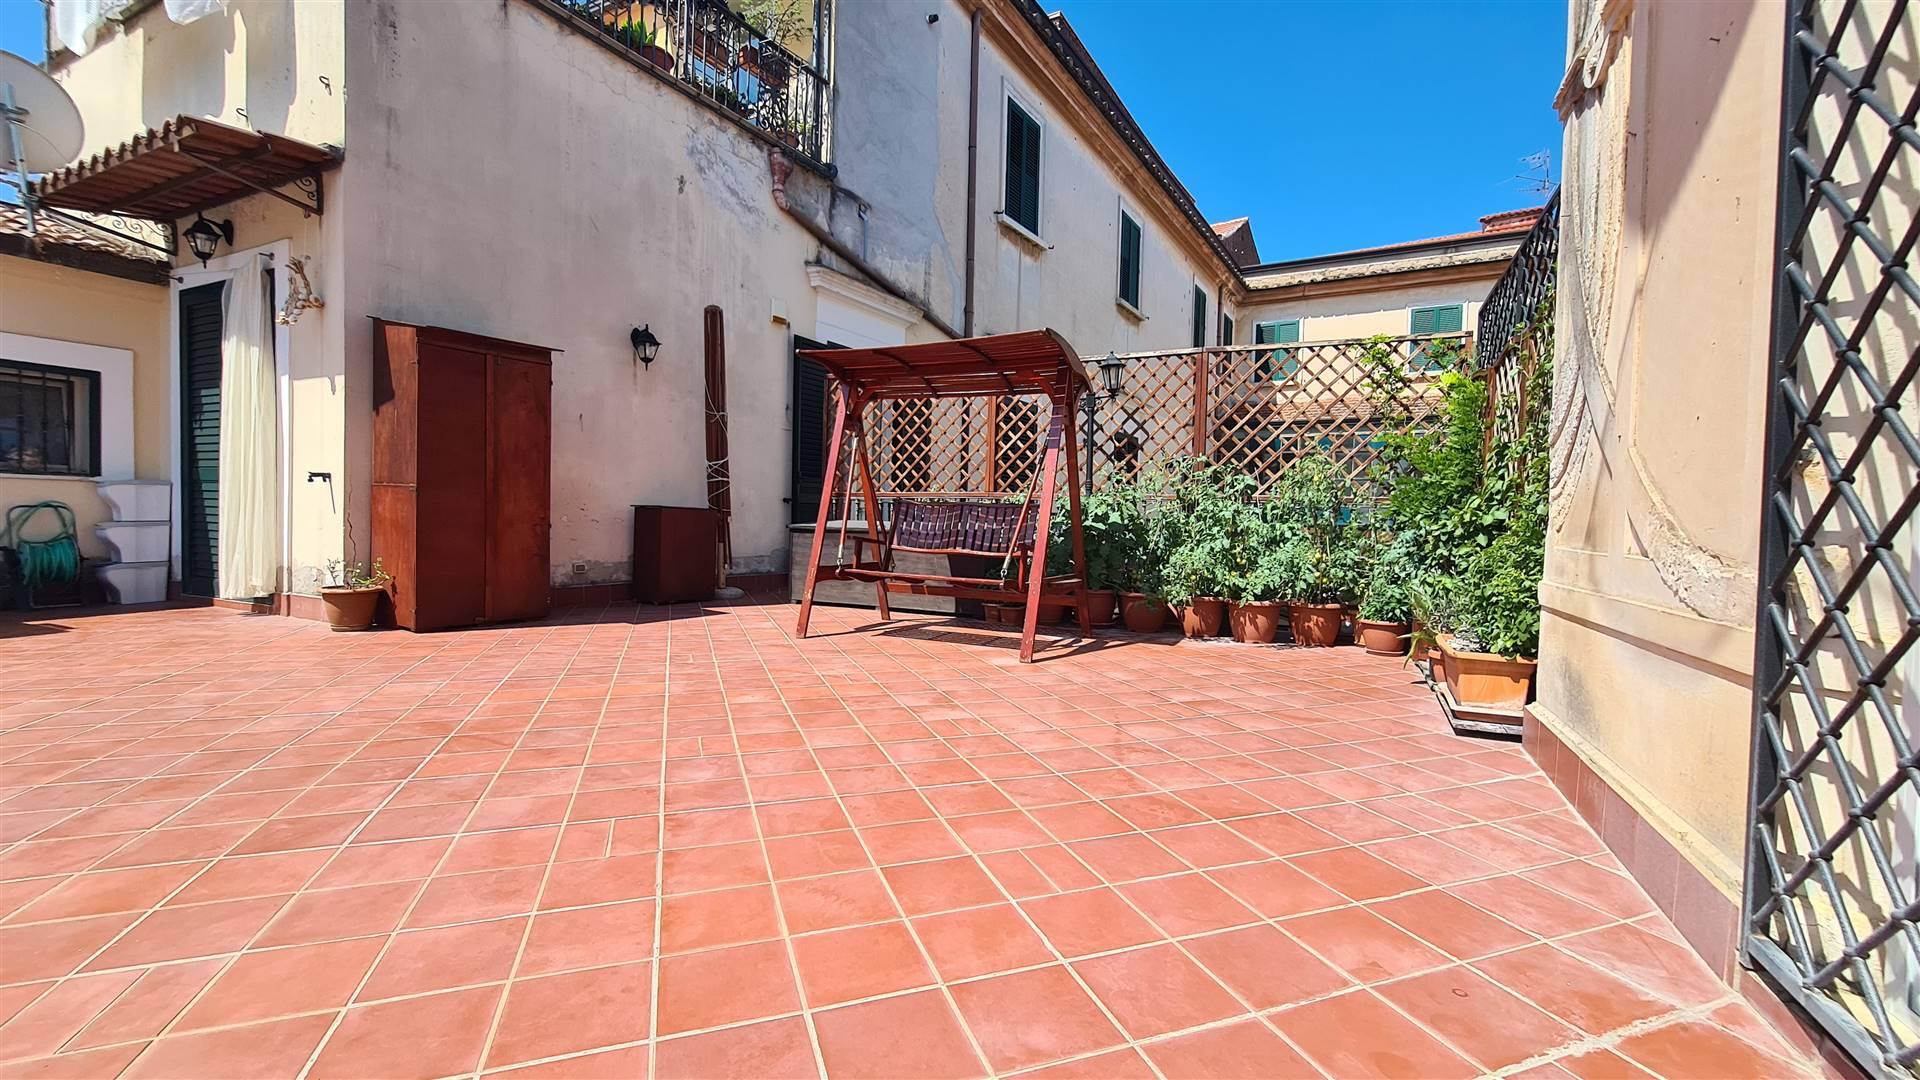 AV973B-Appartamento-SANTA-MARIA-CAPUA-VETERE-Via-Roma